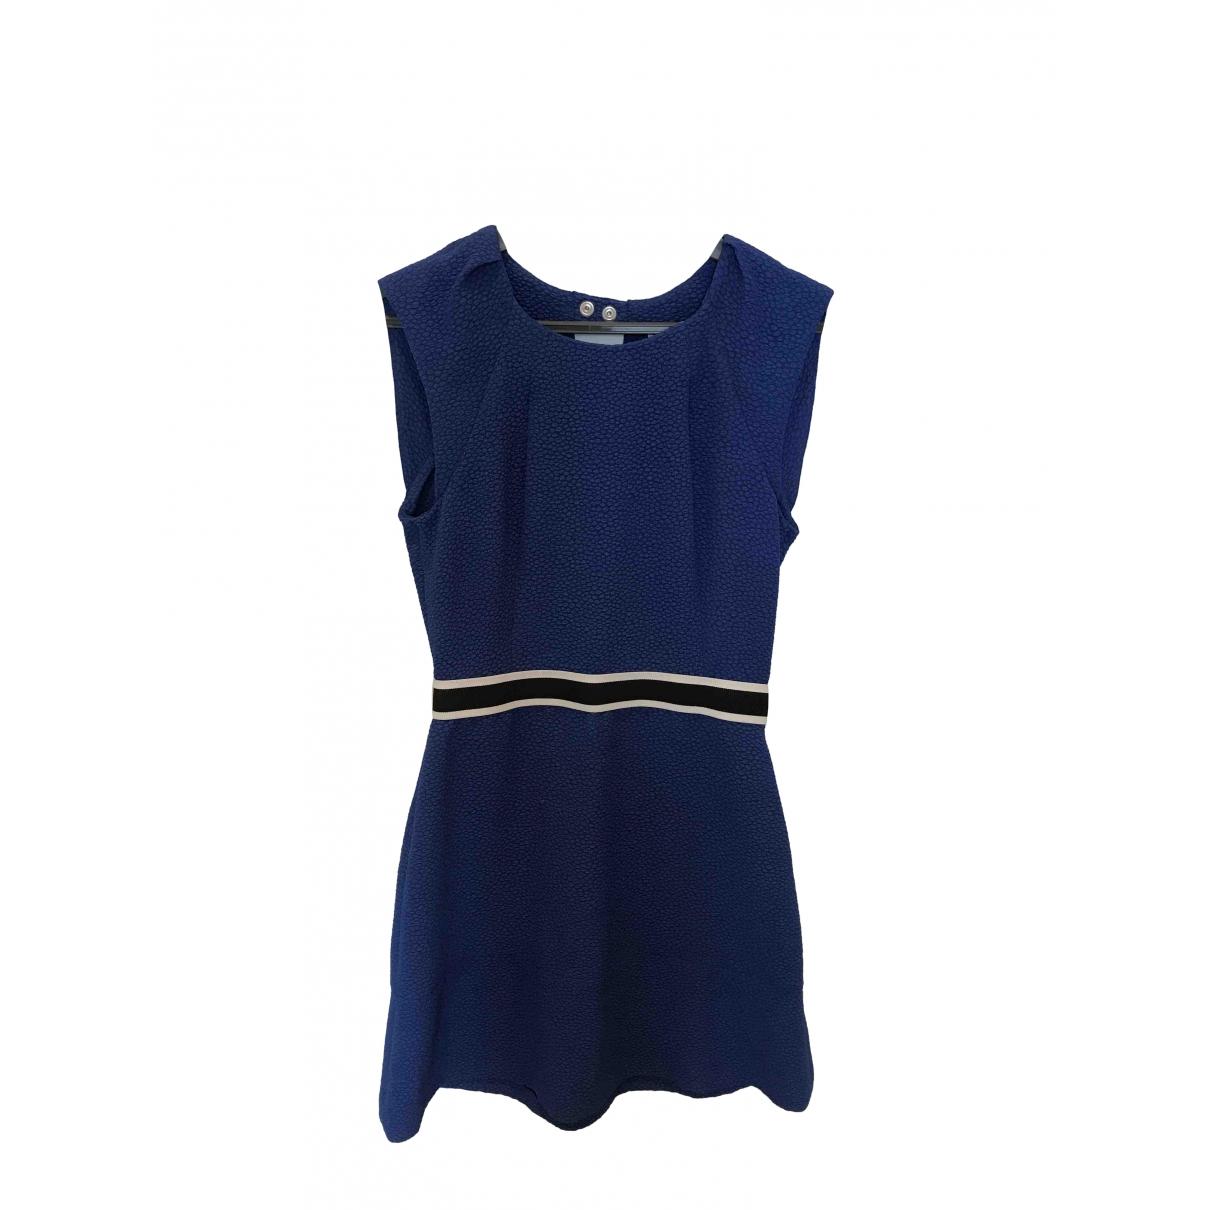 Sandro \N Blue dress for Women 1 0-5